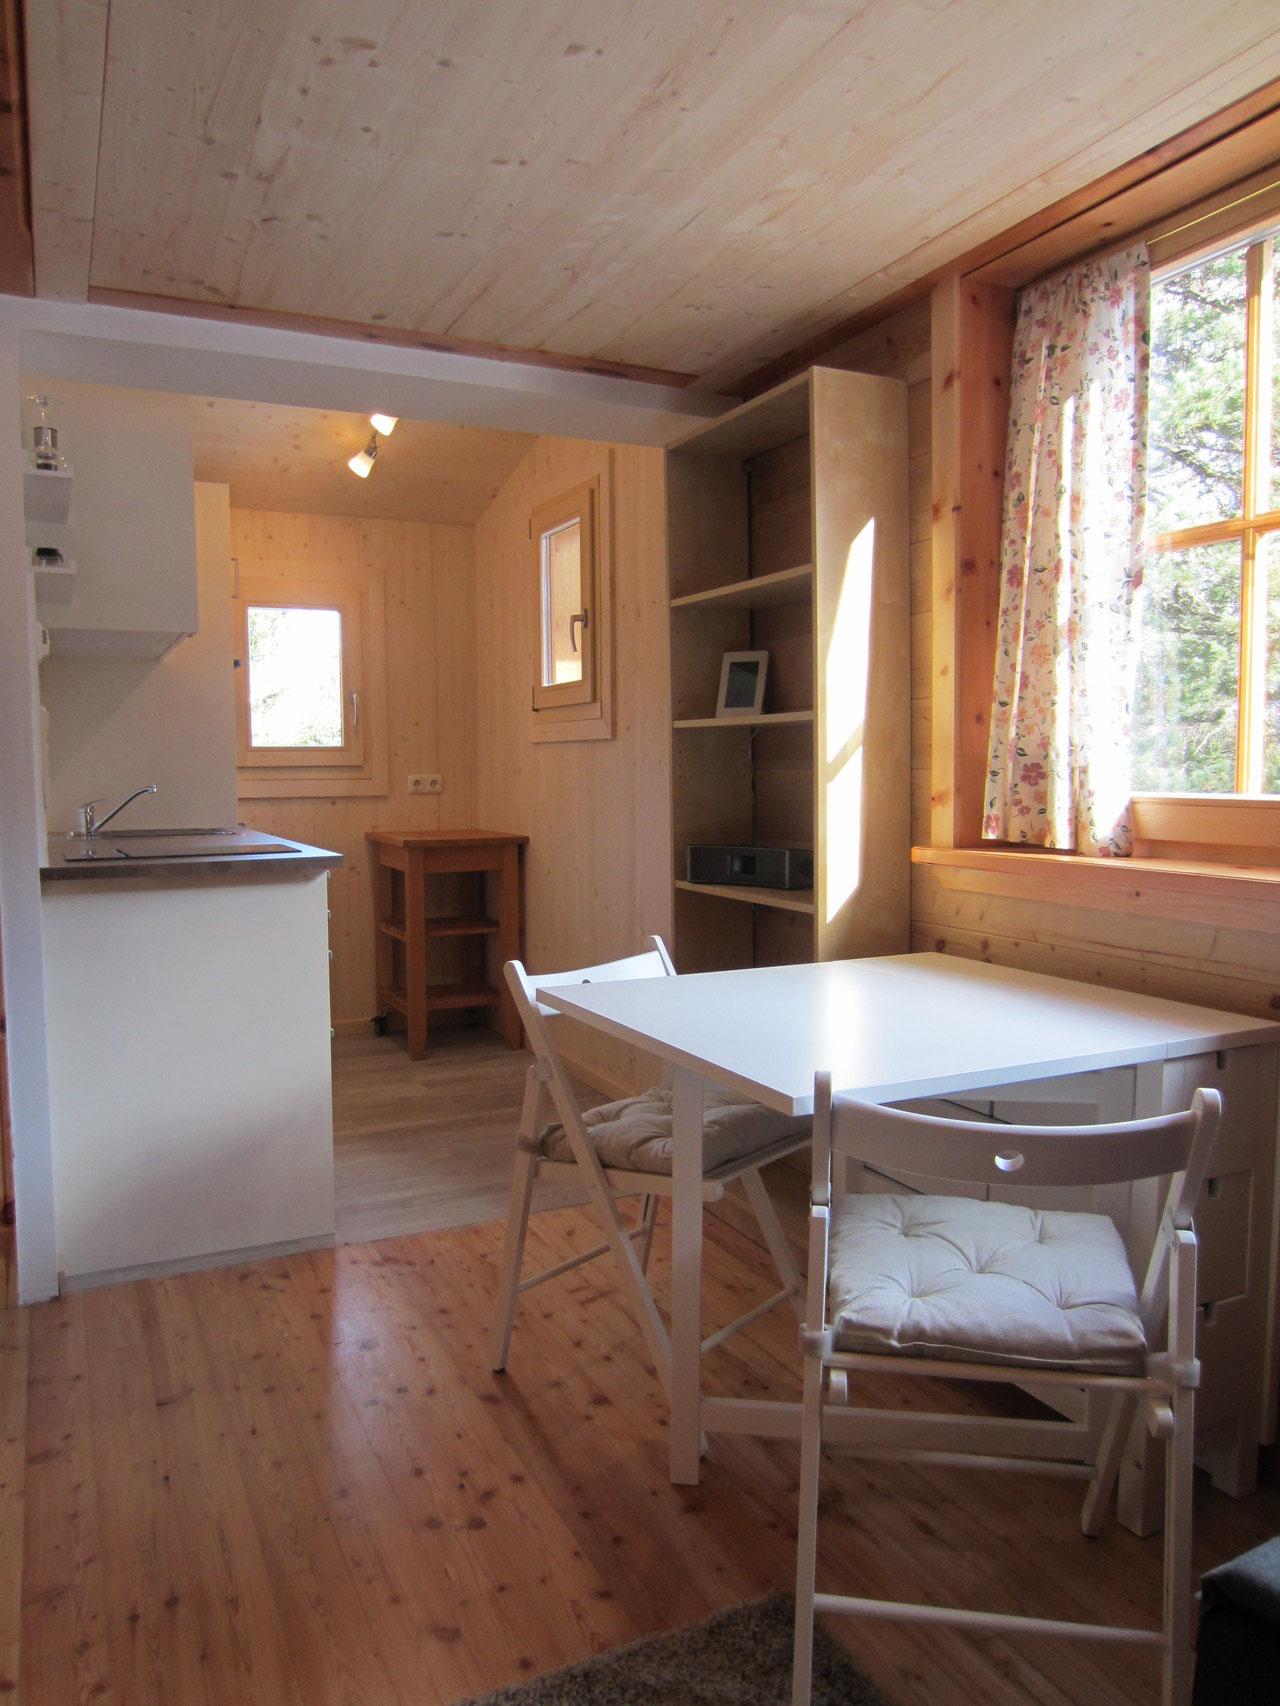 Zirbenwald-Chalet Turracher Höhe - Essbereich mit angrenzender voll ausgestatteter Küche